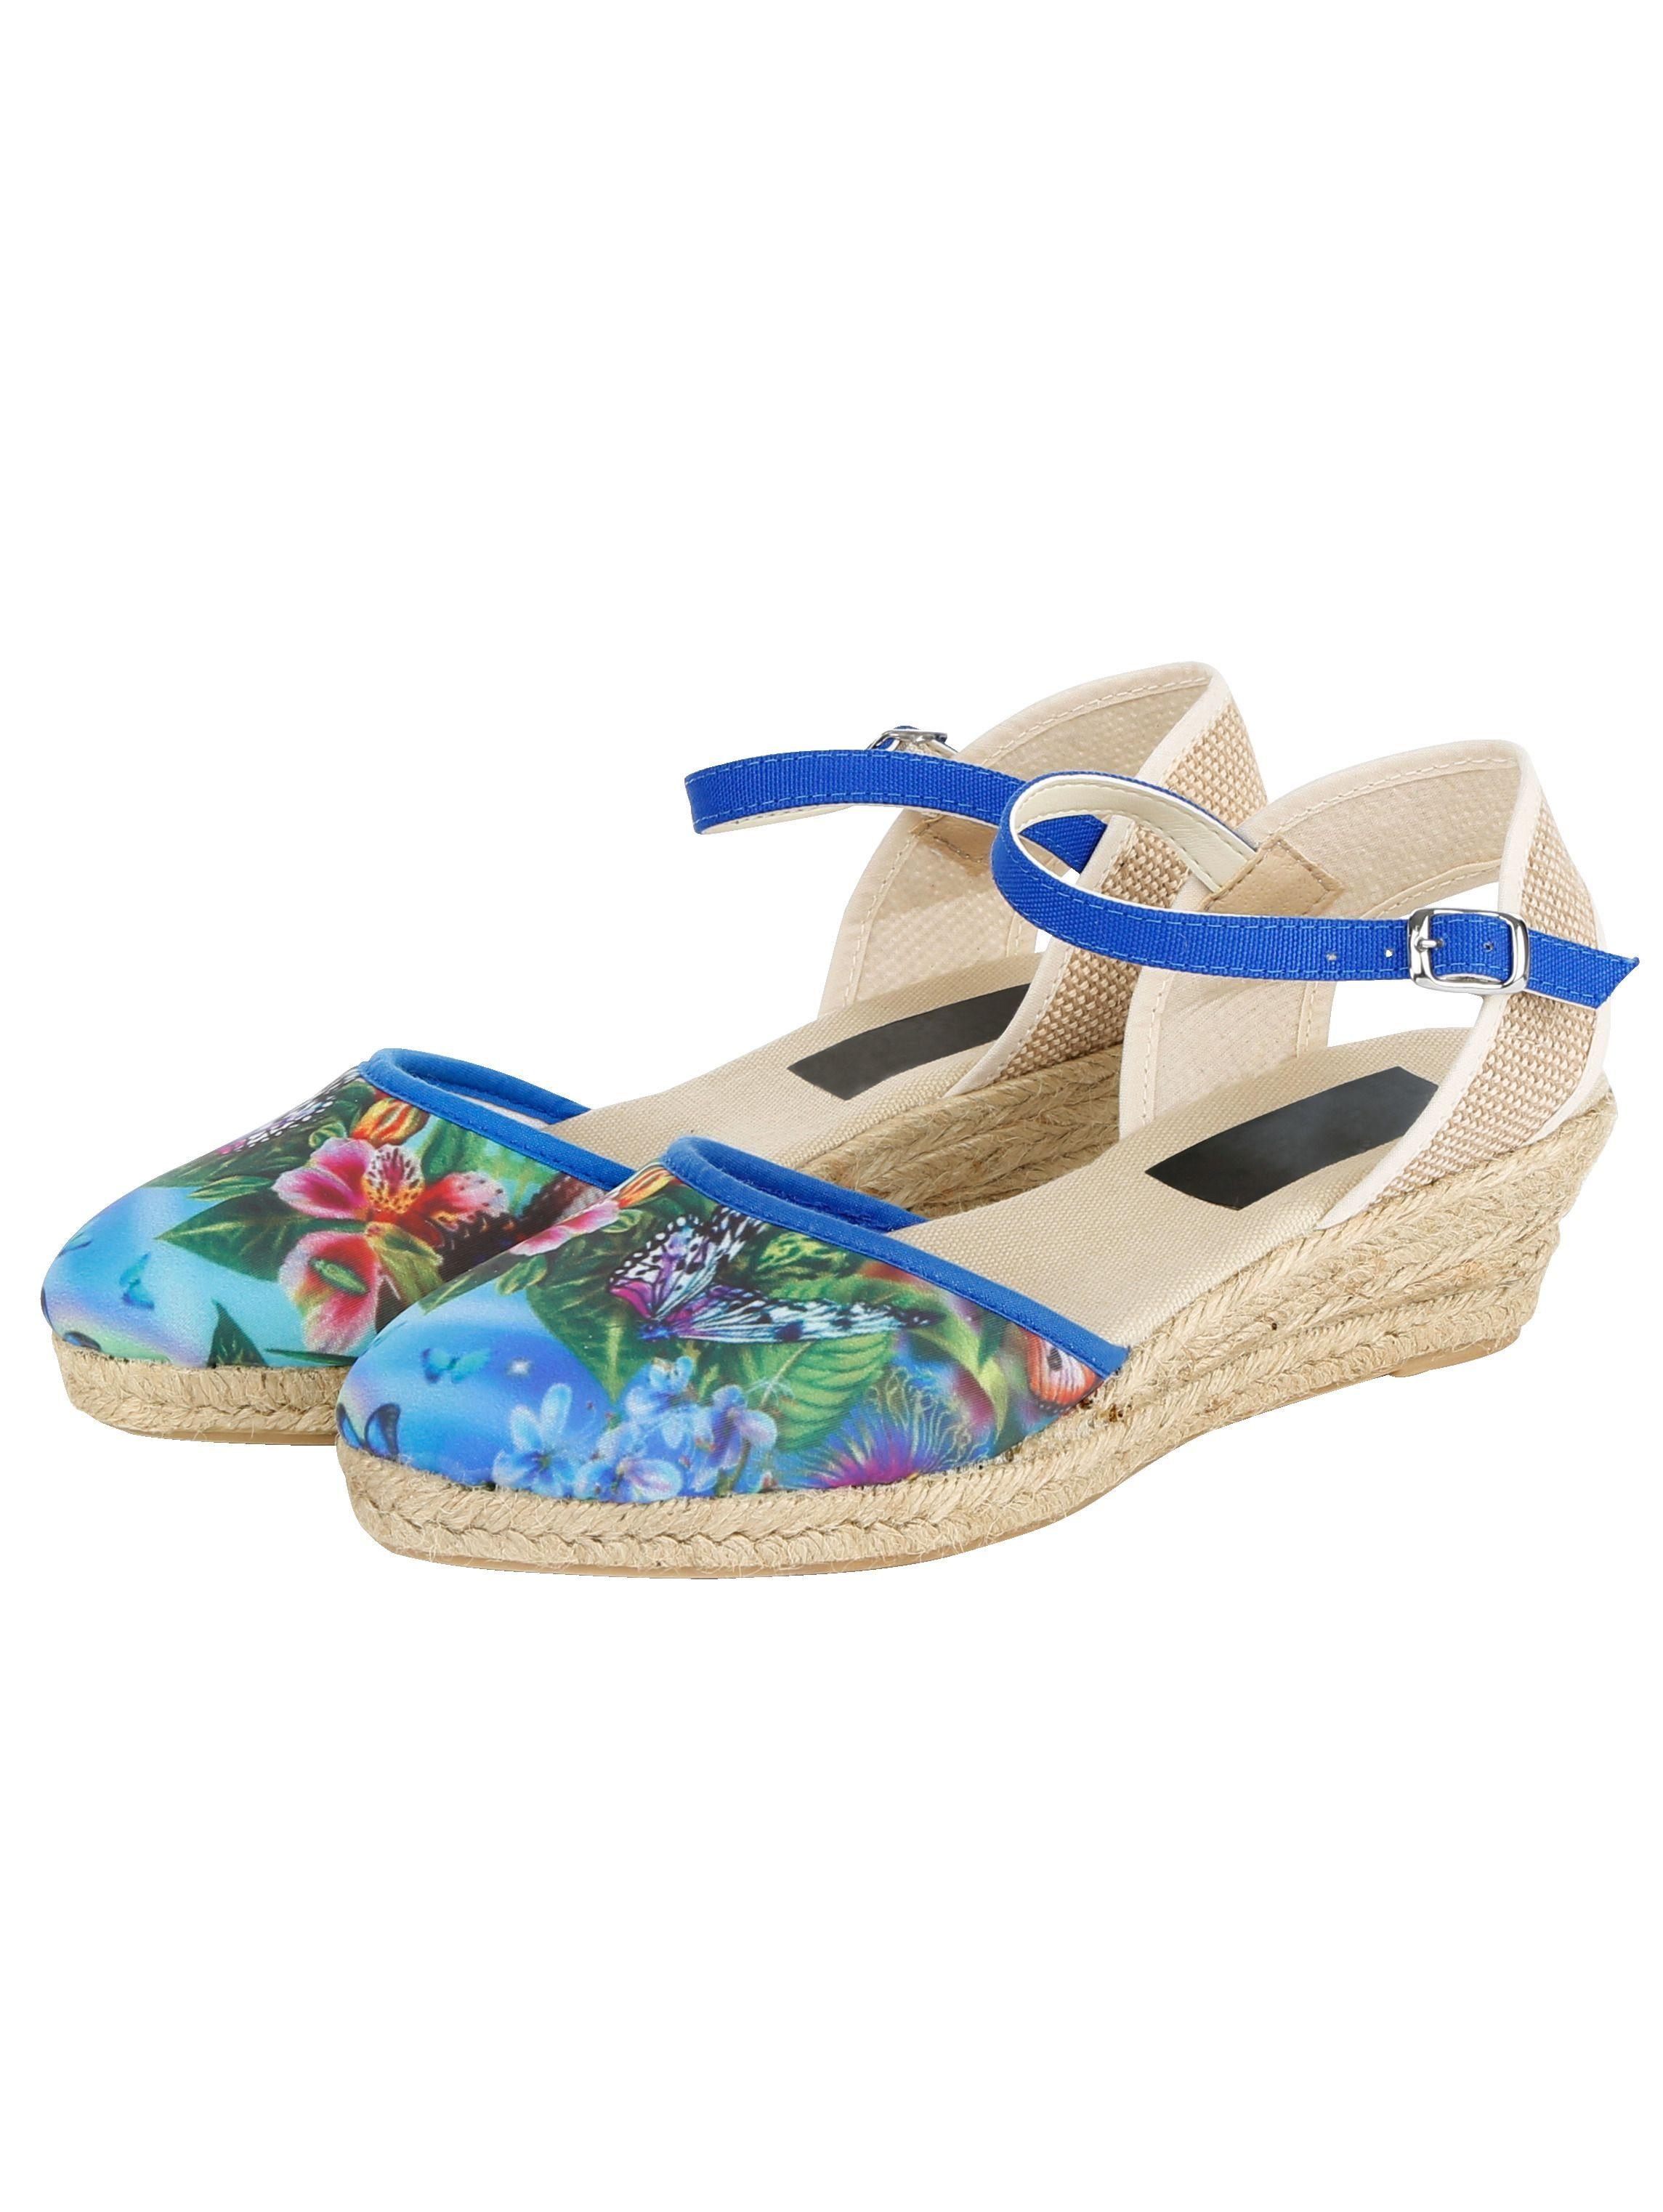 Naturläufer Sandalette online kaufen  floral